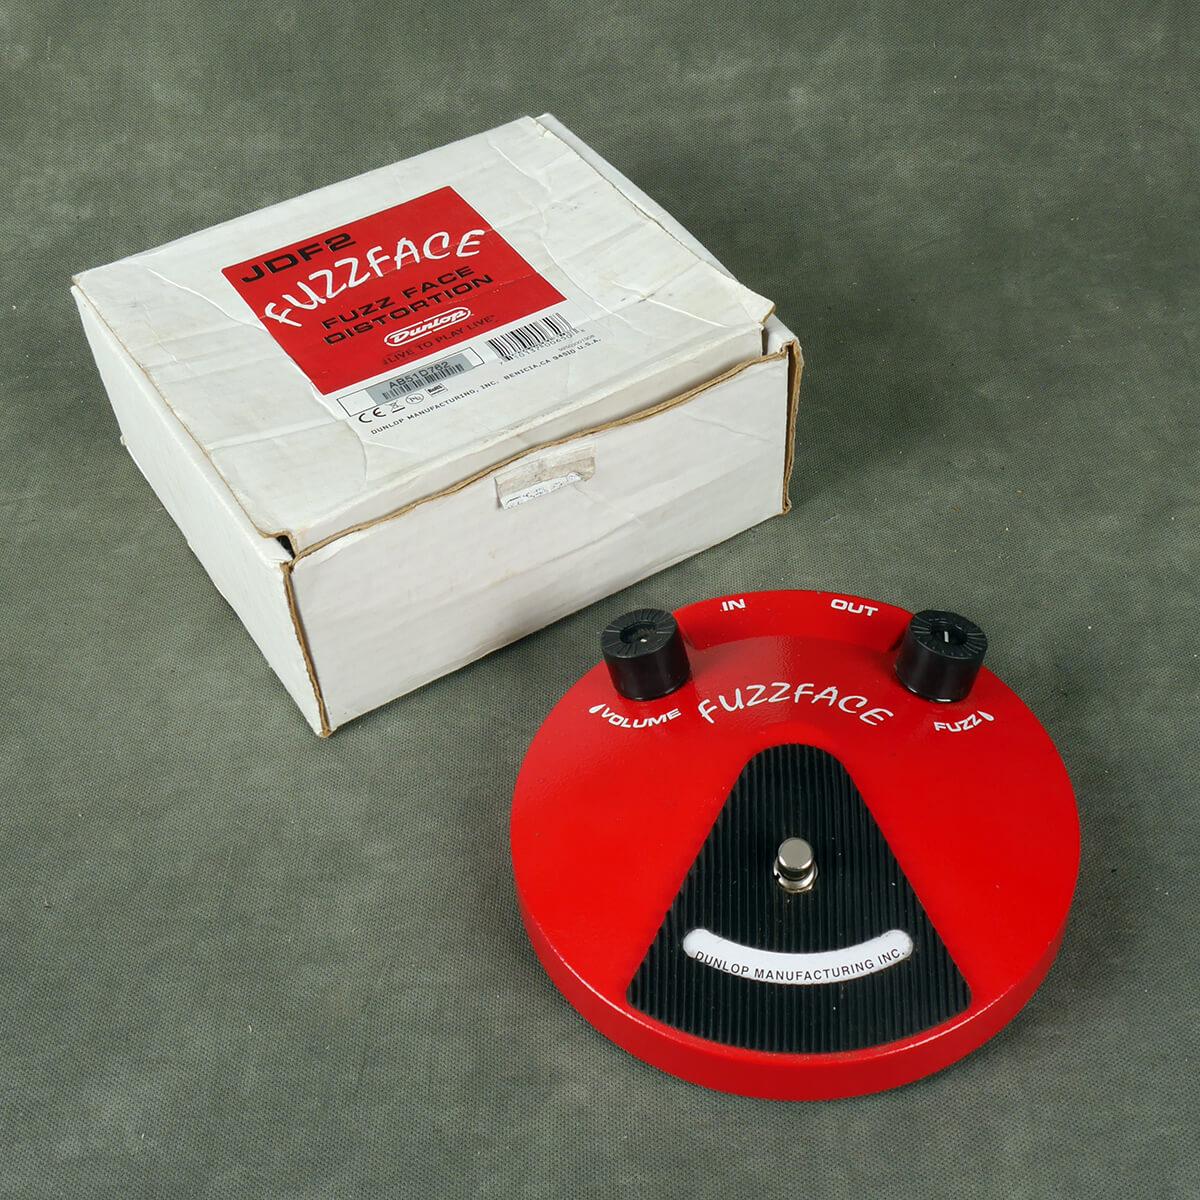 Jim Dunlop JD-F2 Fuzz Face FX Pedal w/Box - 2nd Hand